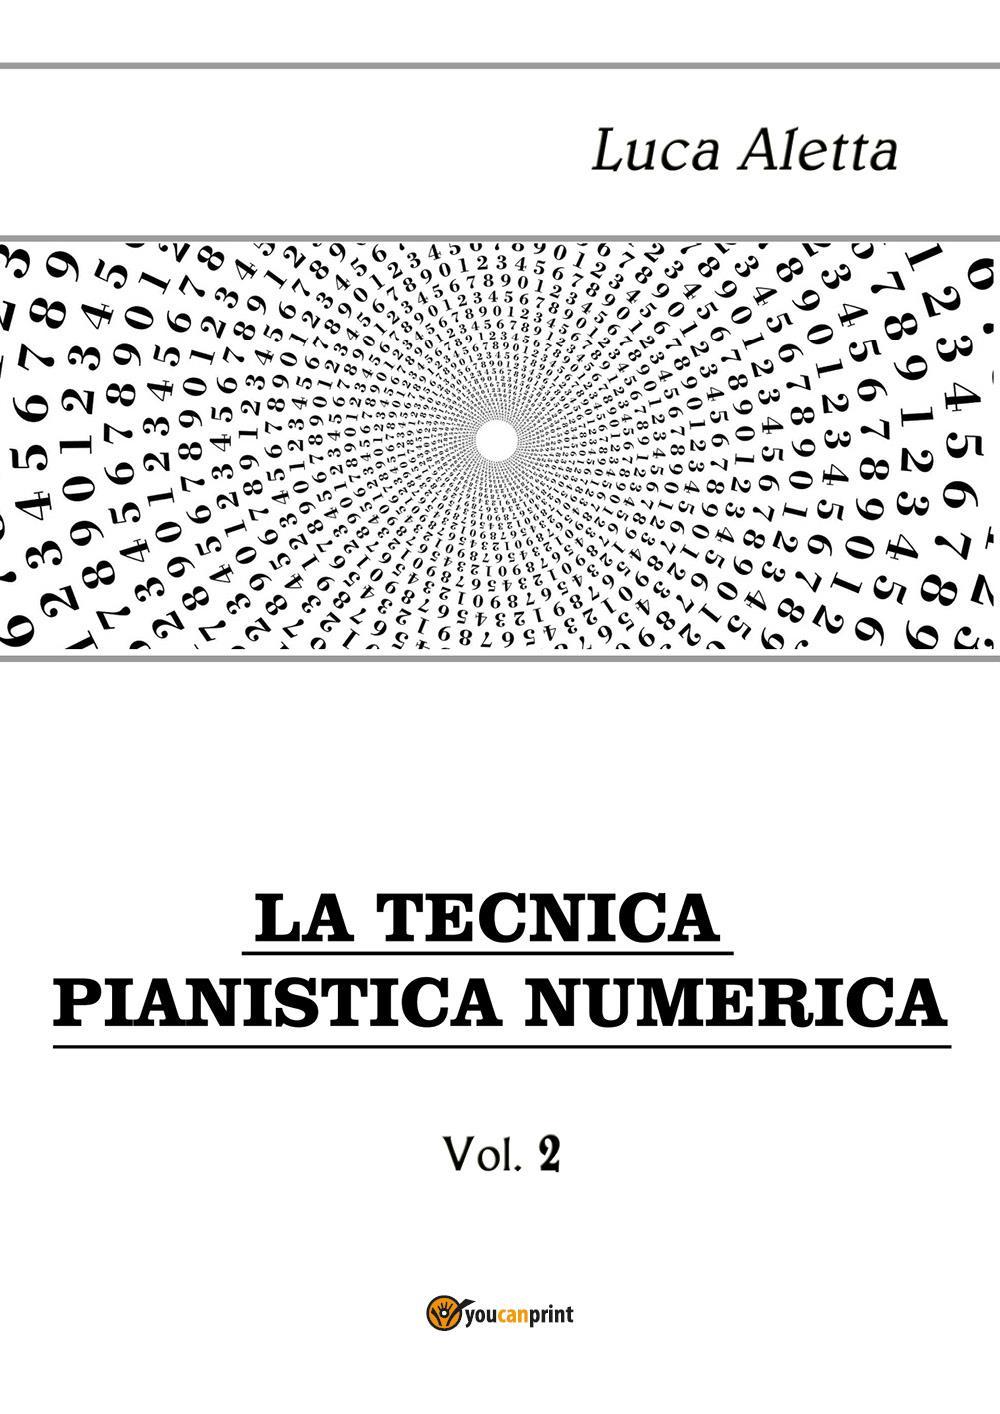 La Tecnica Pianistica Numerica vol. 2